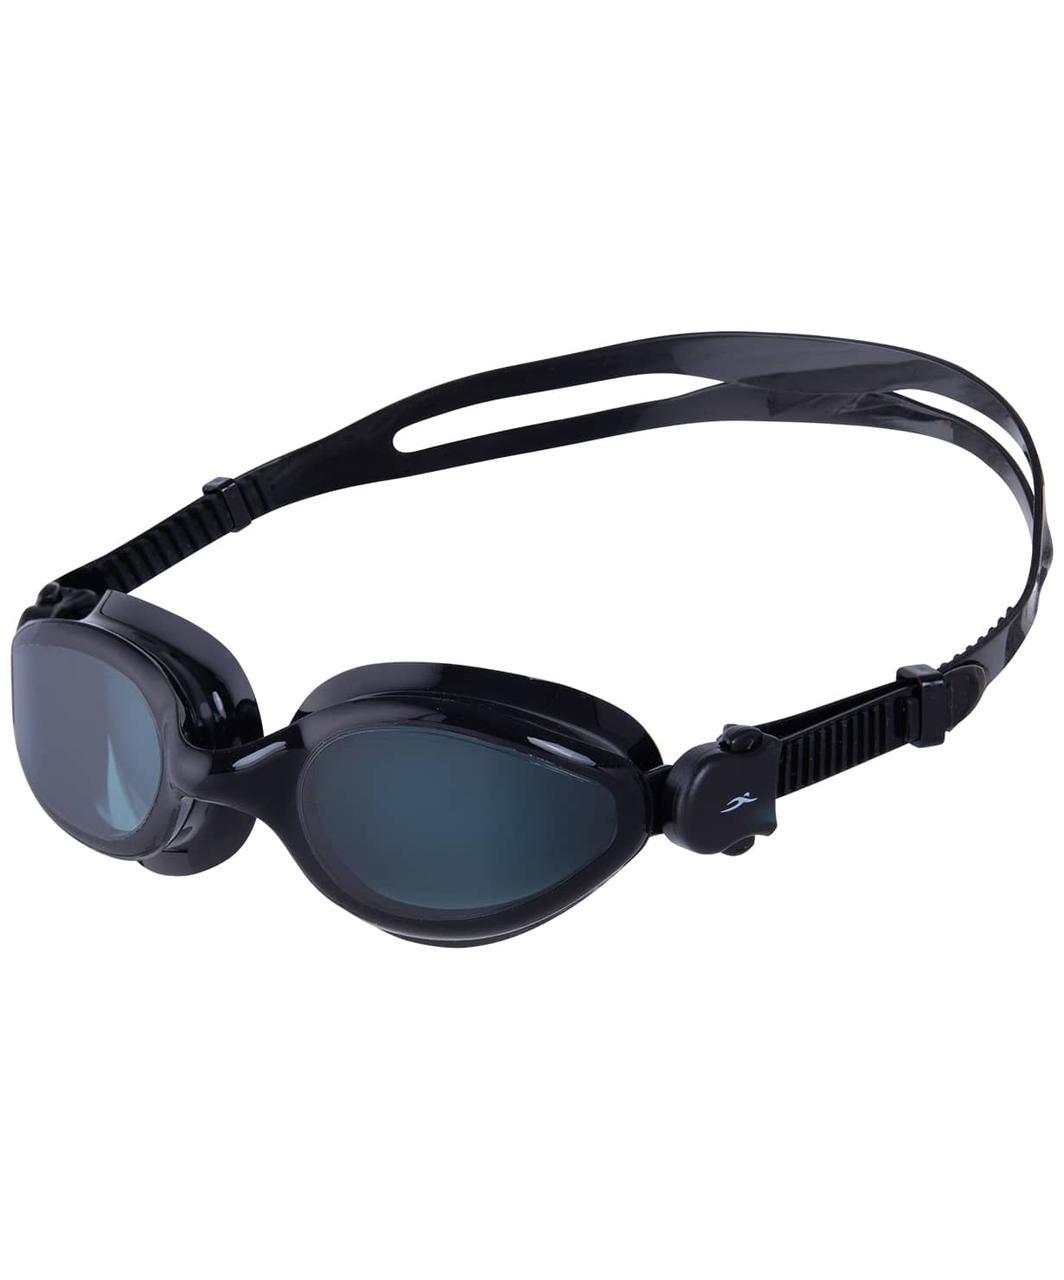 Очки для плавания Symbol Black 25Degrees